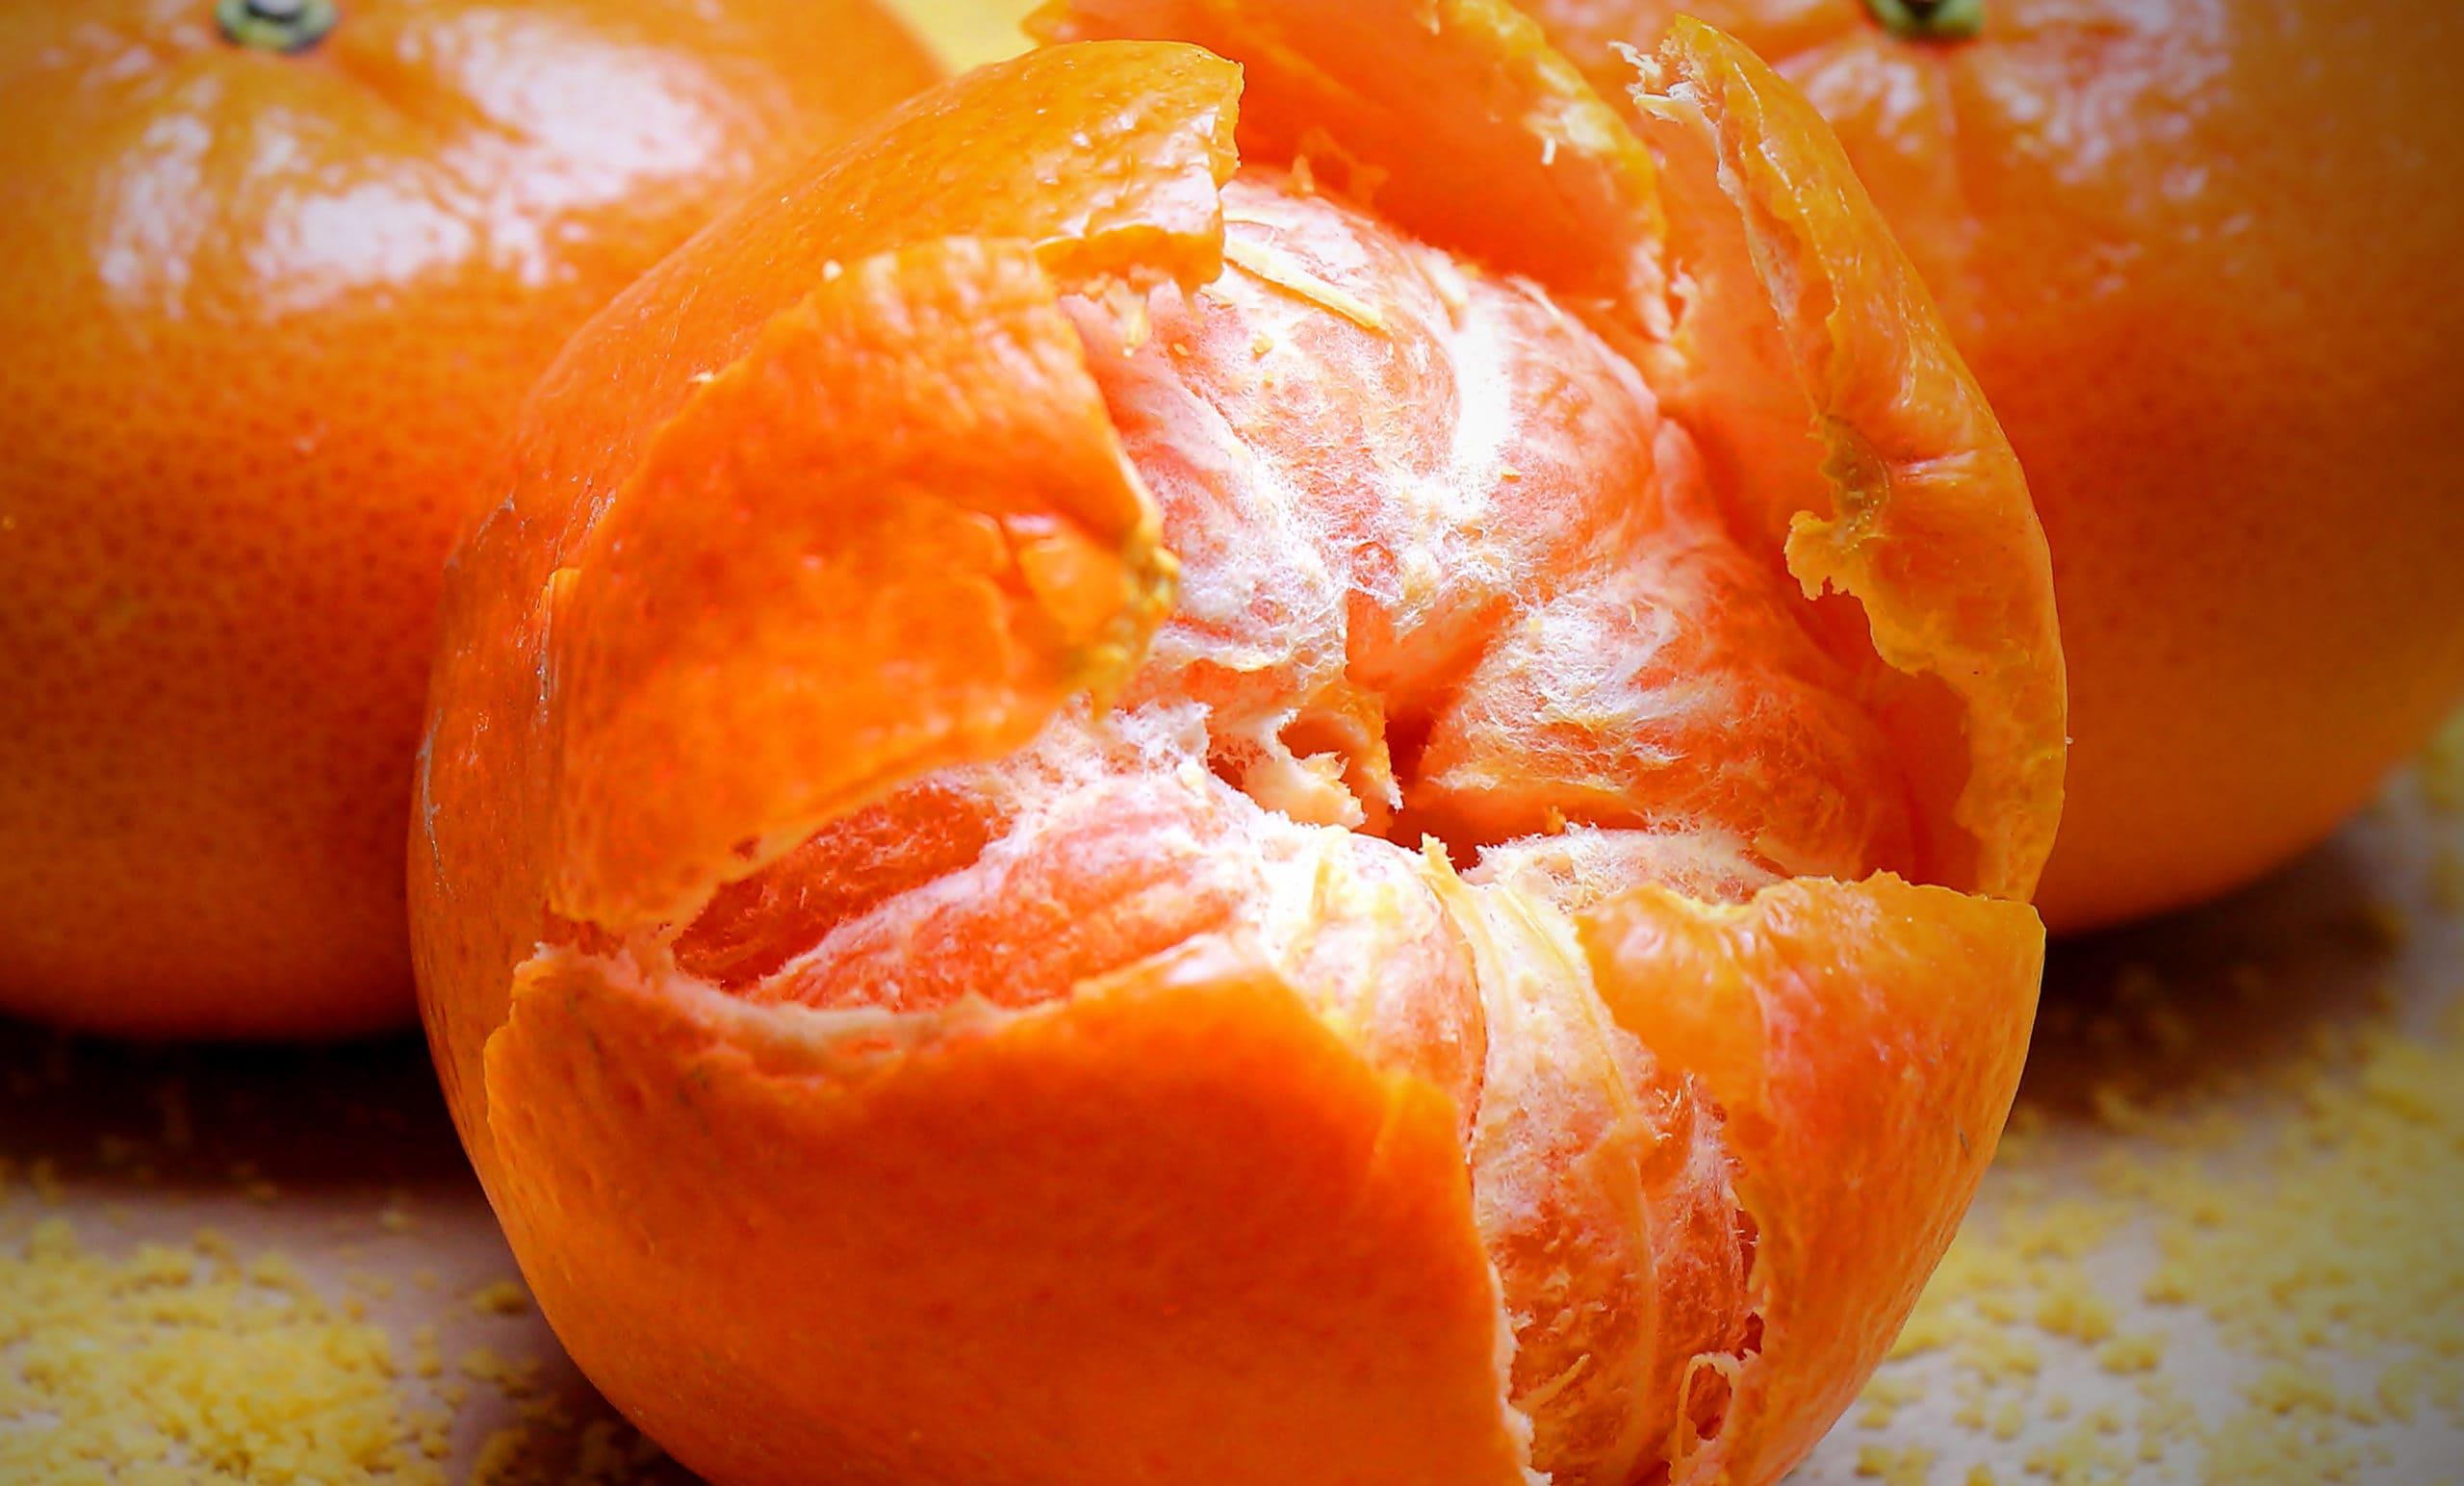 Кожура защищает плоды от внешней среды